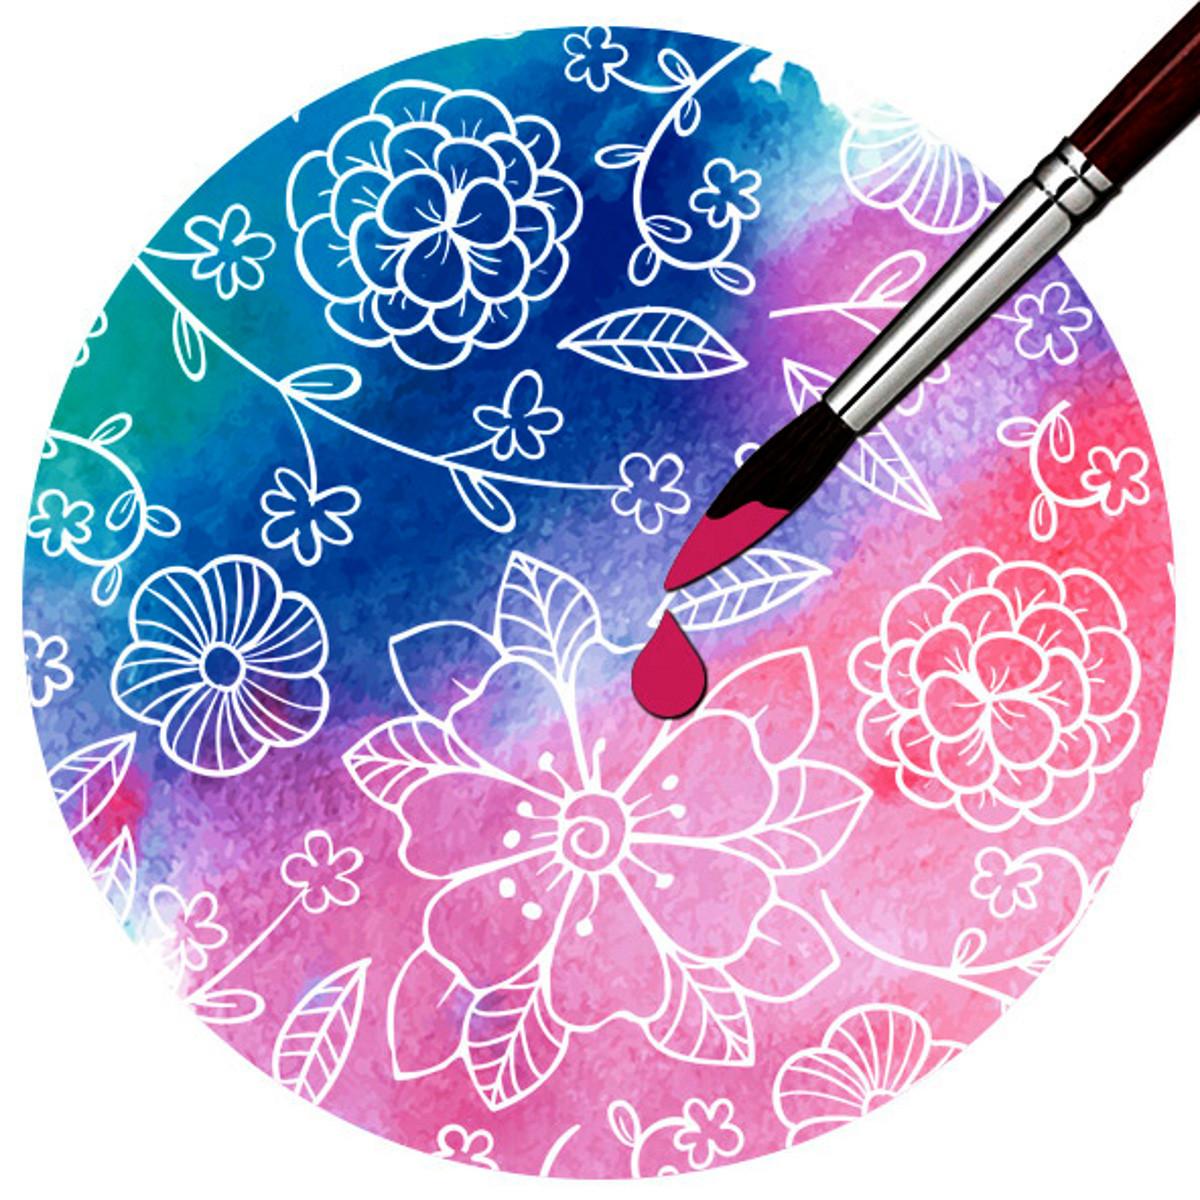 """Zauberpapier """"Blüten"""" DIN A4 - 10 Blatt"""